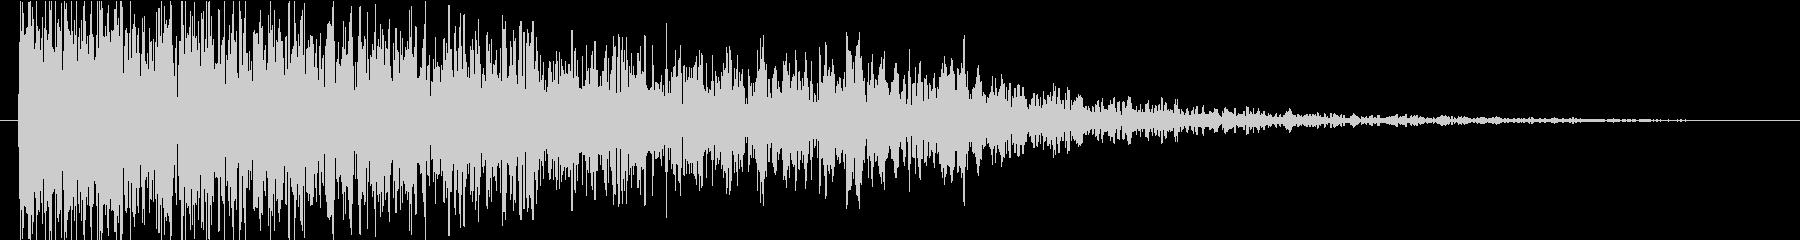 衝撃 ミステリアスファイア01の未再生の波形